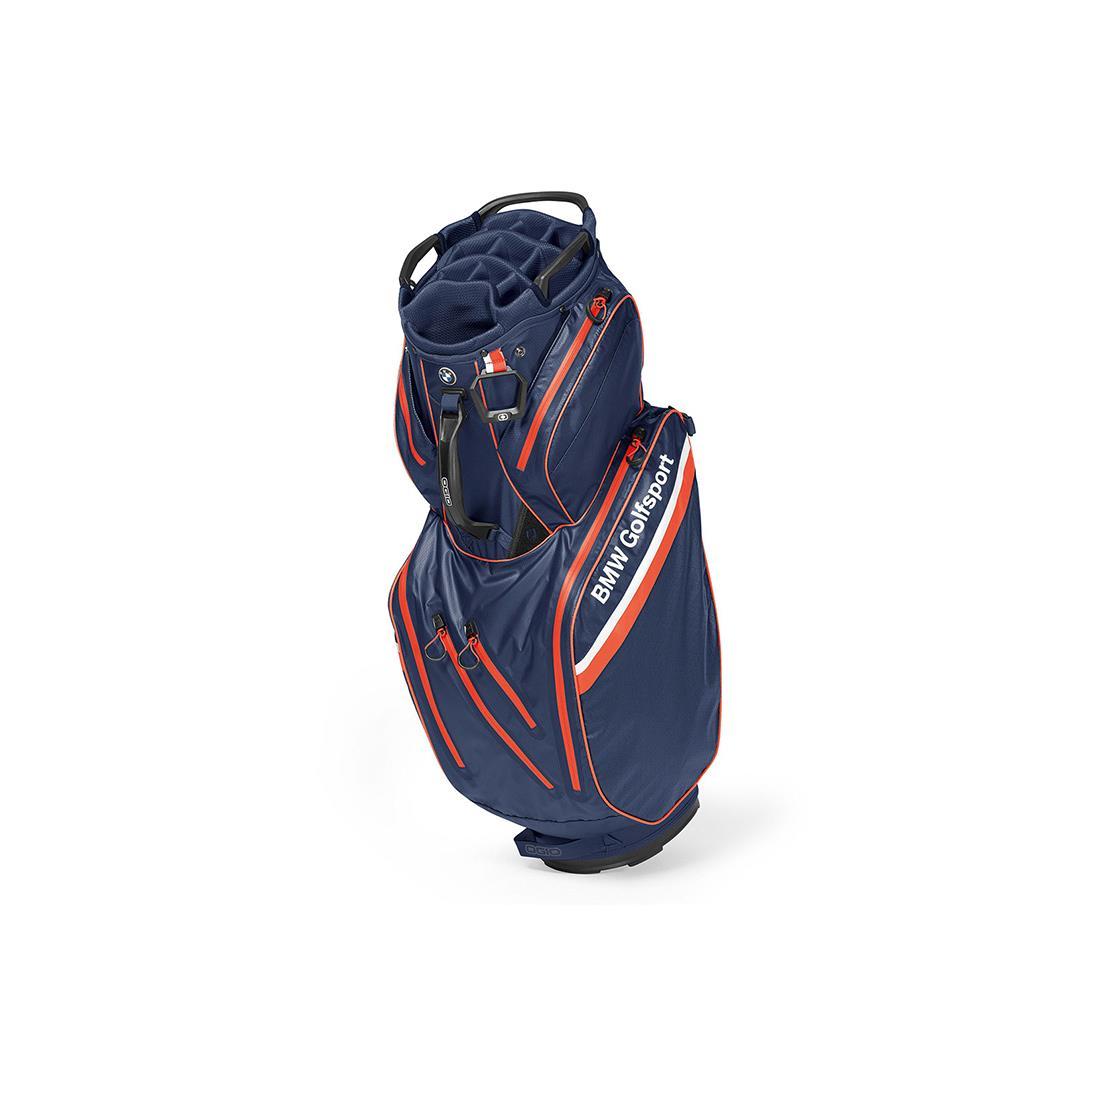 Bmw golf cart the best cart for Mercedes benz golf bag